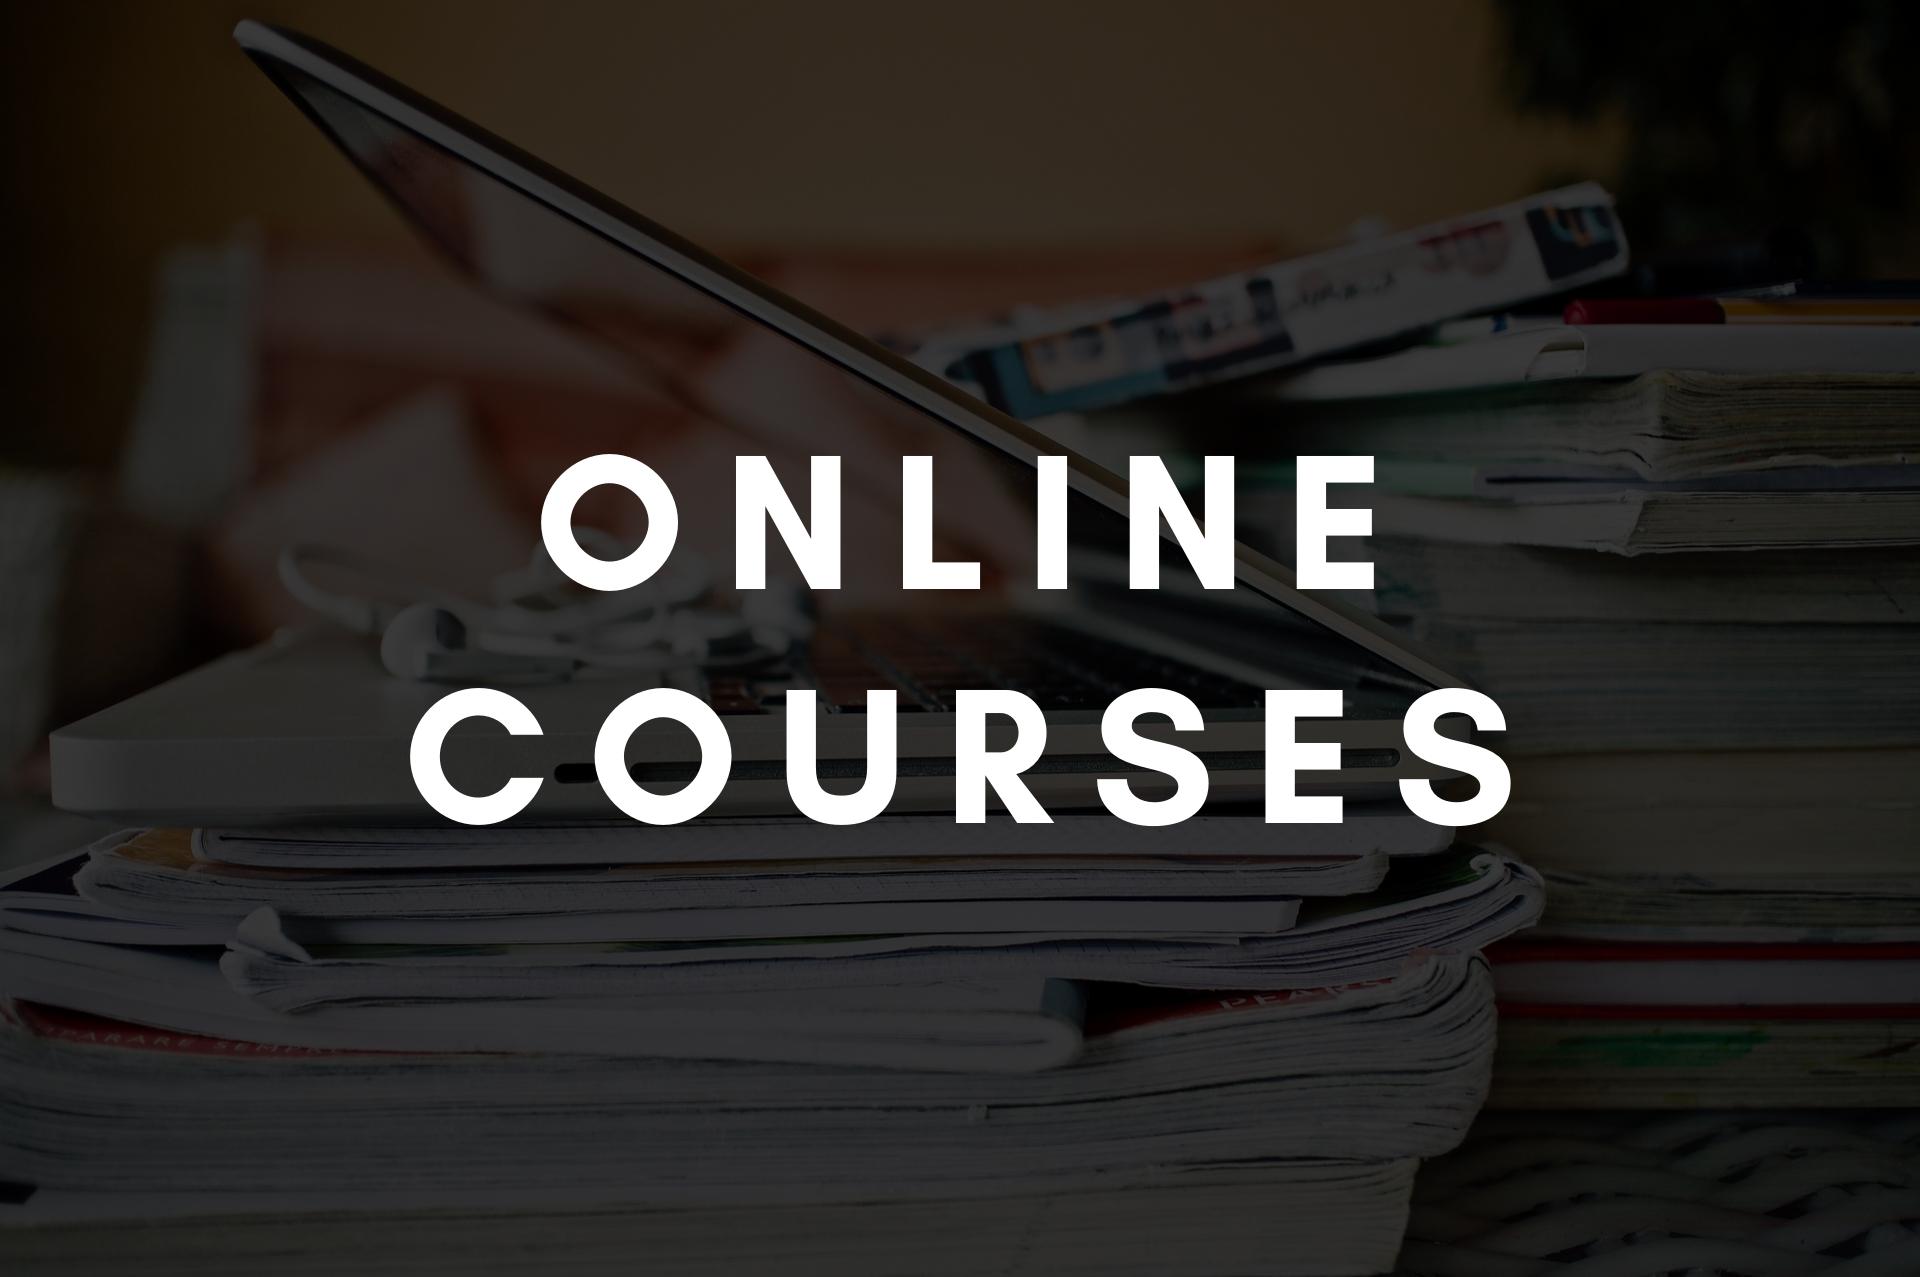 https://aaeteachers.teachable.com/courses/category/Course